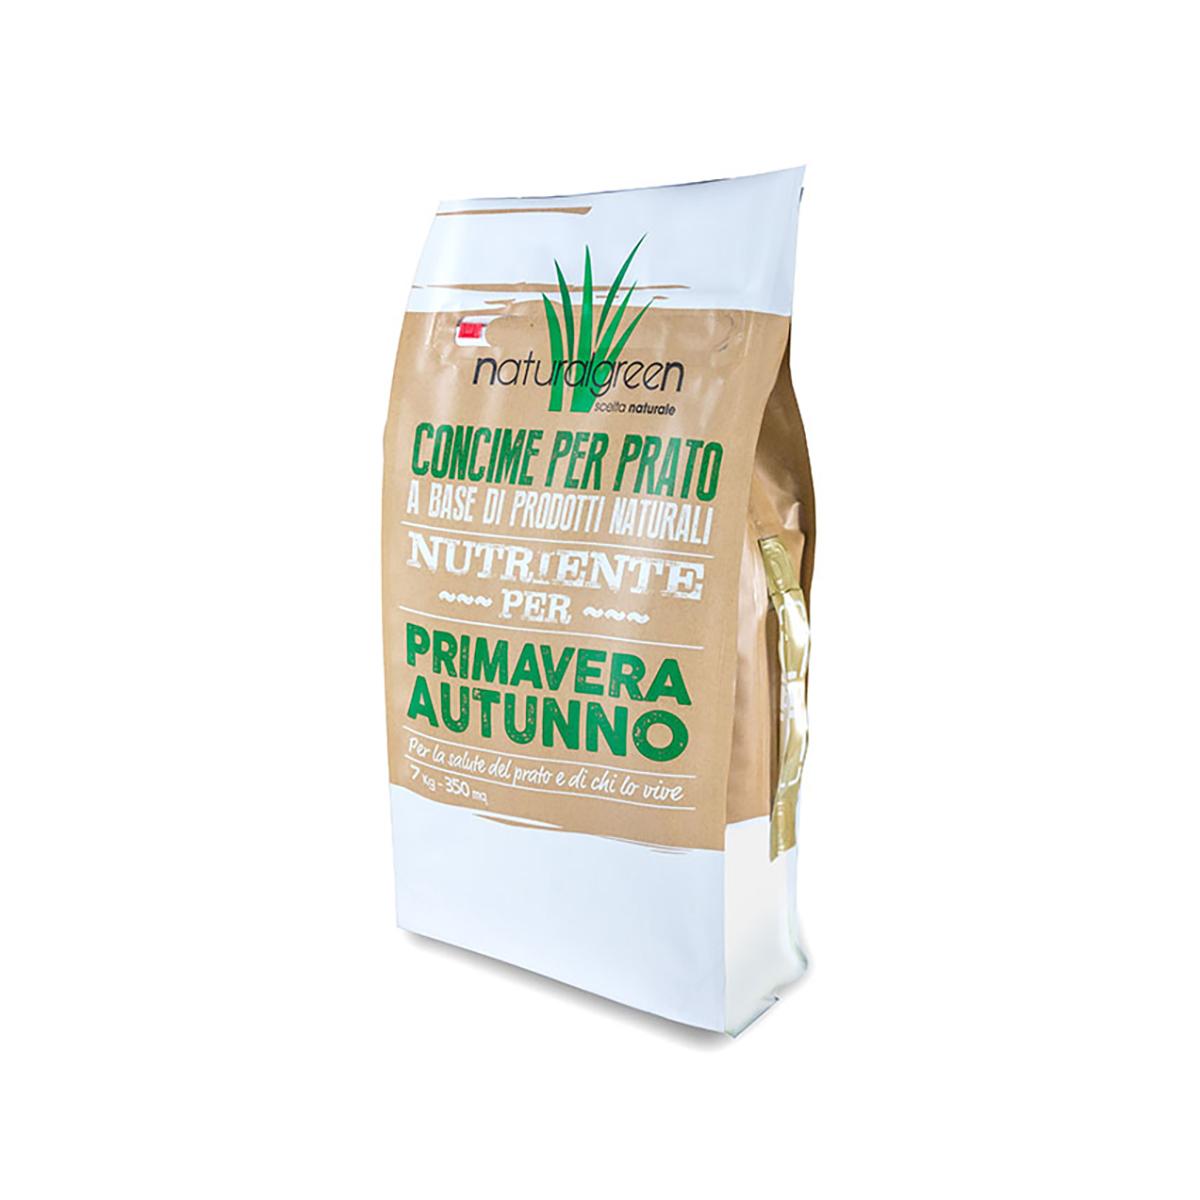 Concime Per Prato Autunnale bottos concime naturalgreen primavera e autunno 18-0-7 kg 7